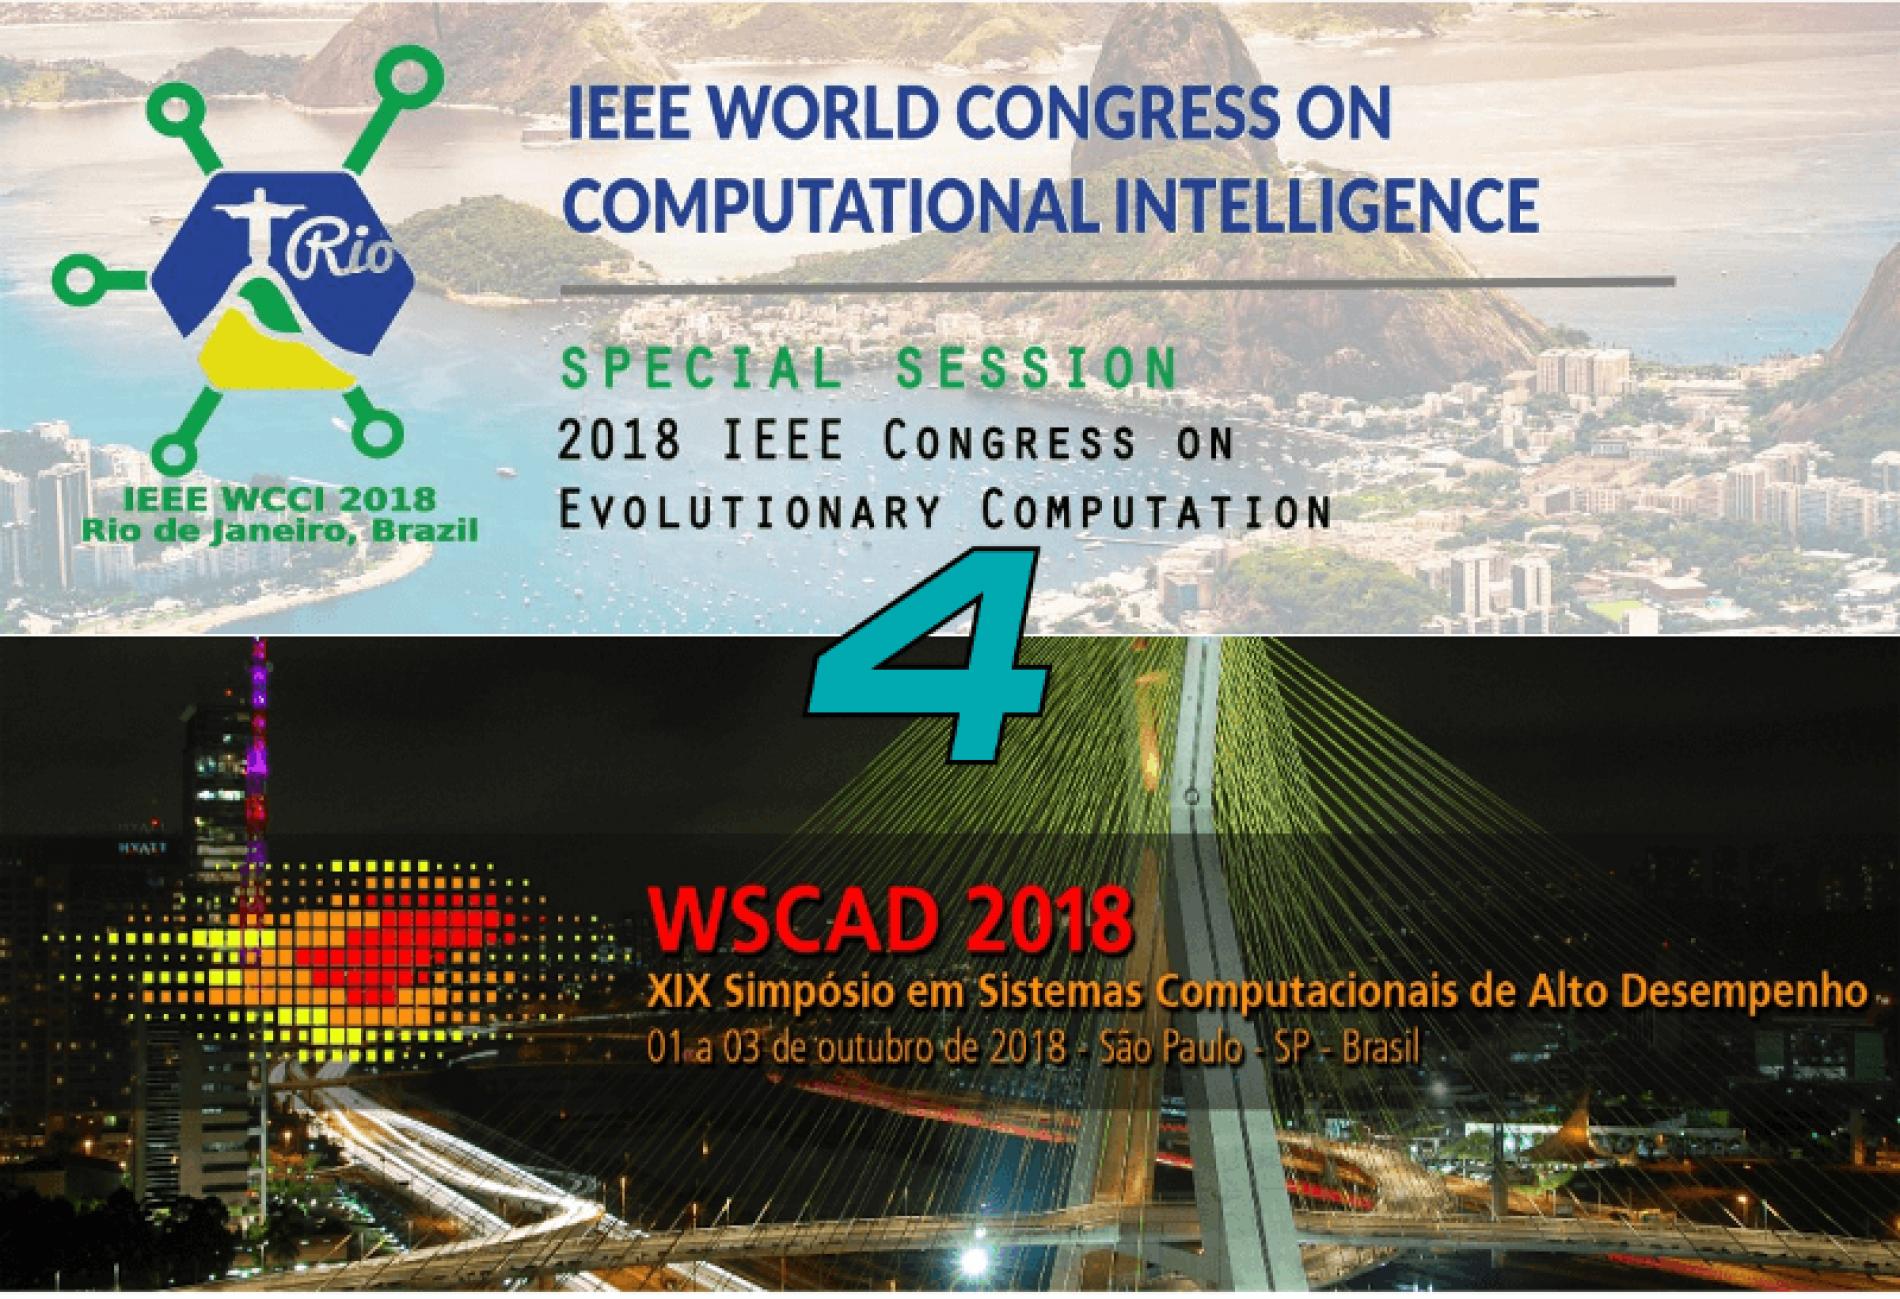 Instrutor da 4Linux recebe menção honrosa no WSCAD 2018 e publica artigo no IEEE